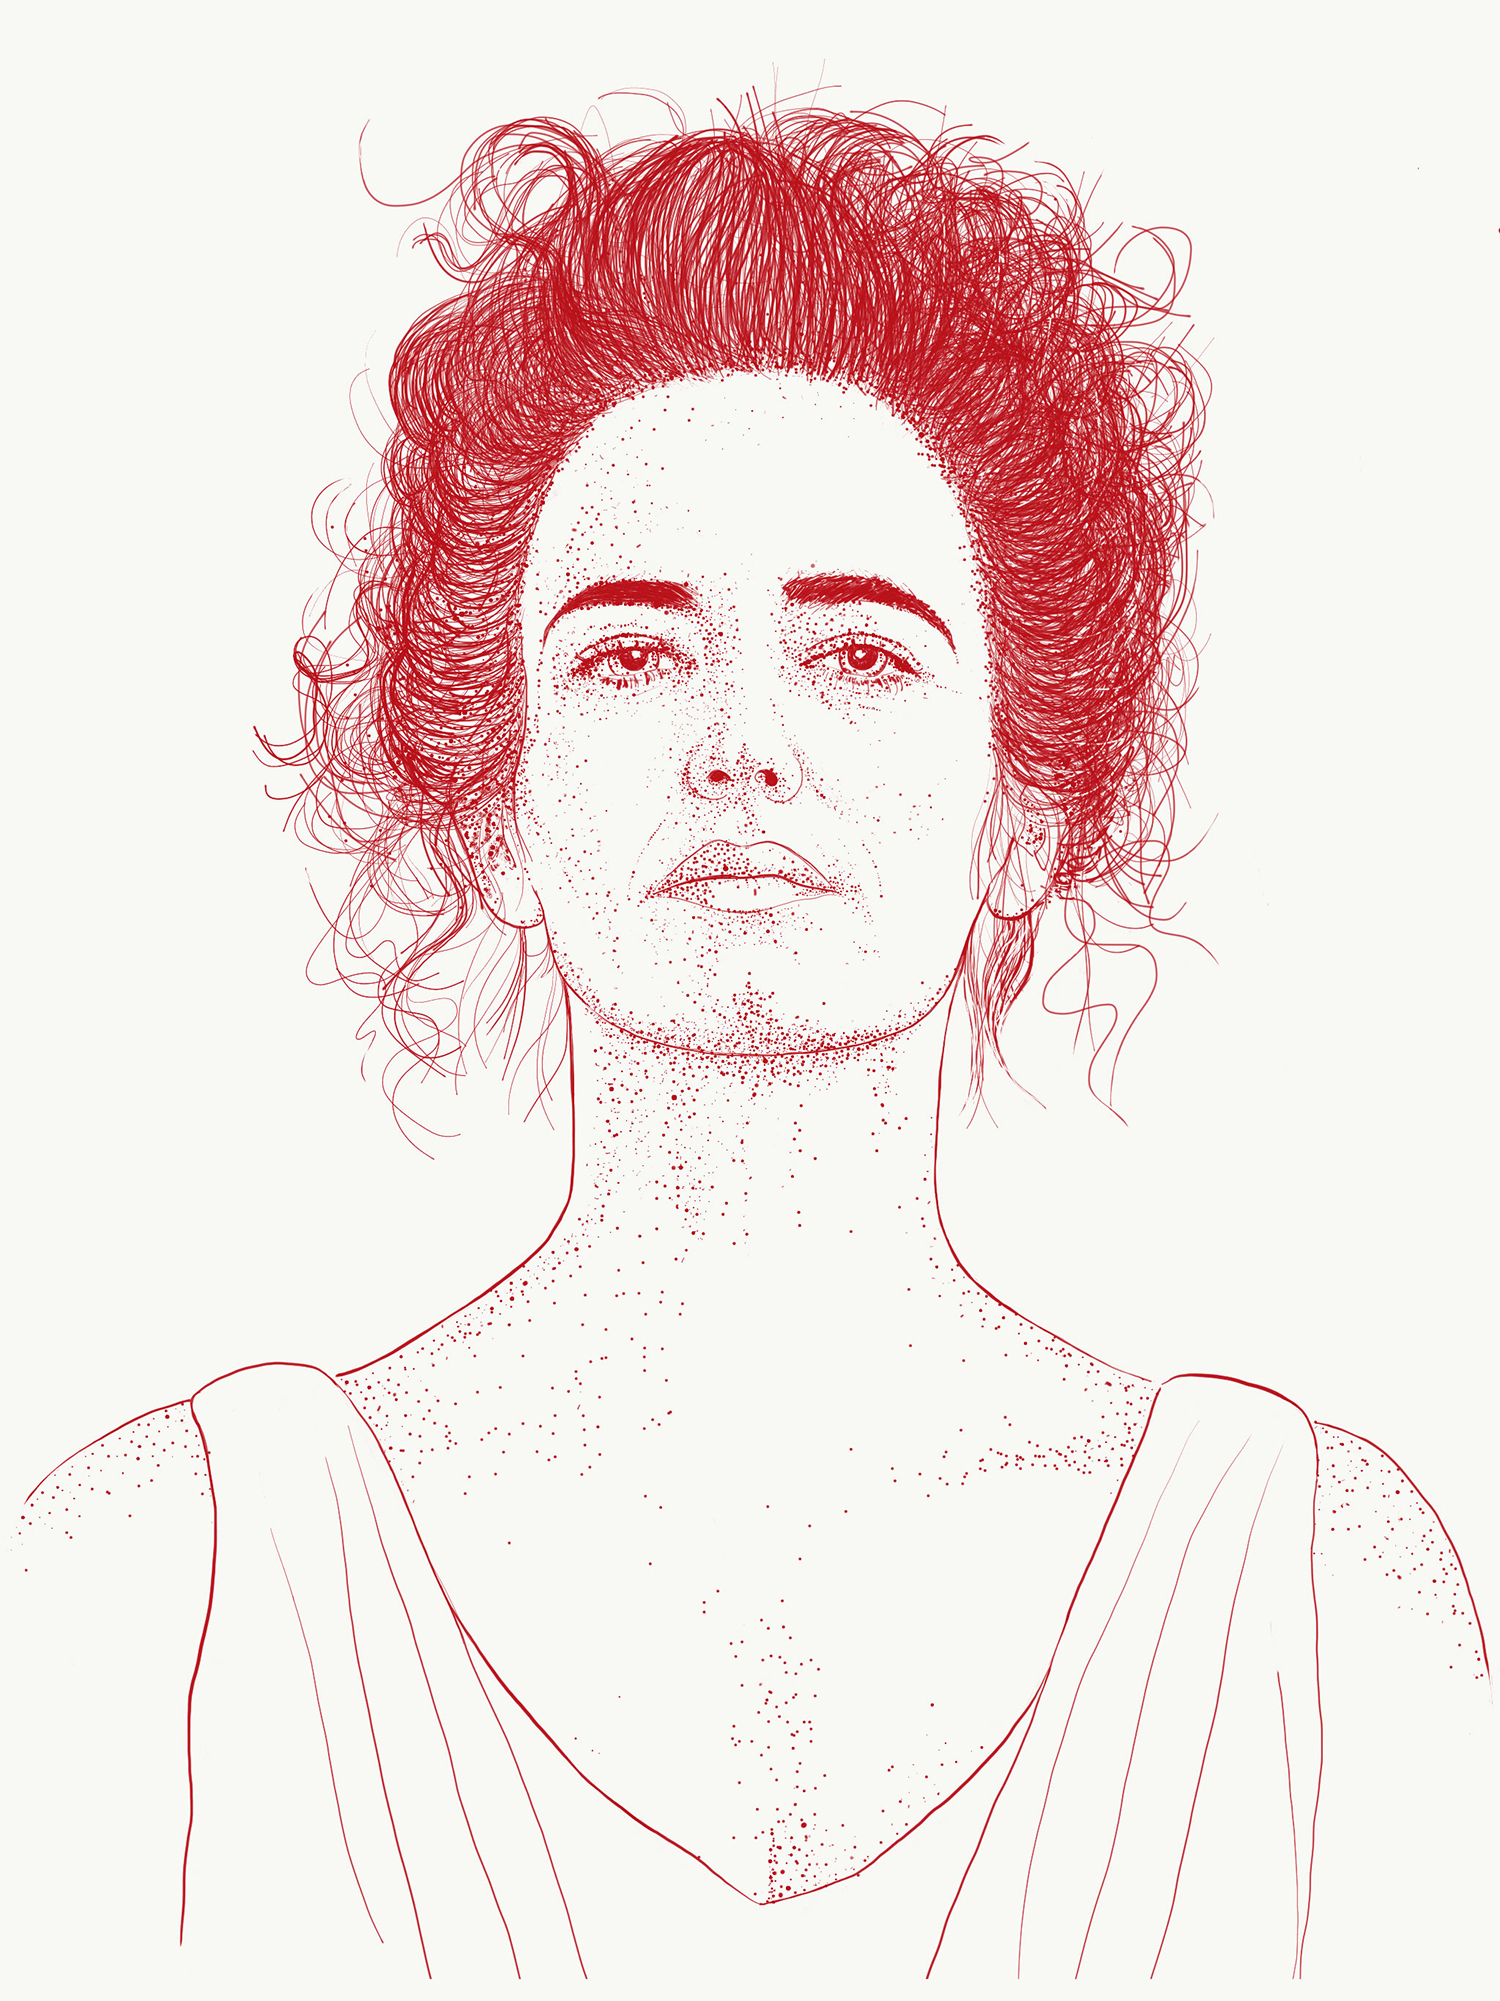 rbtq_Illustration_Seiser_Illustratorin_Hamburg_Eva_Green_dots_Penny_Dreadful.jpg